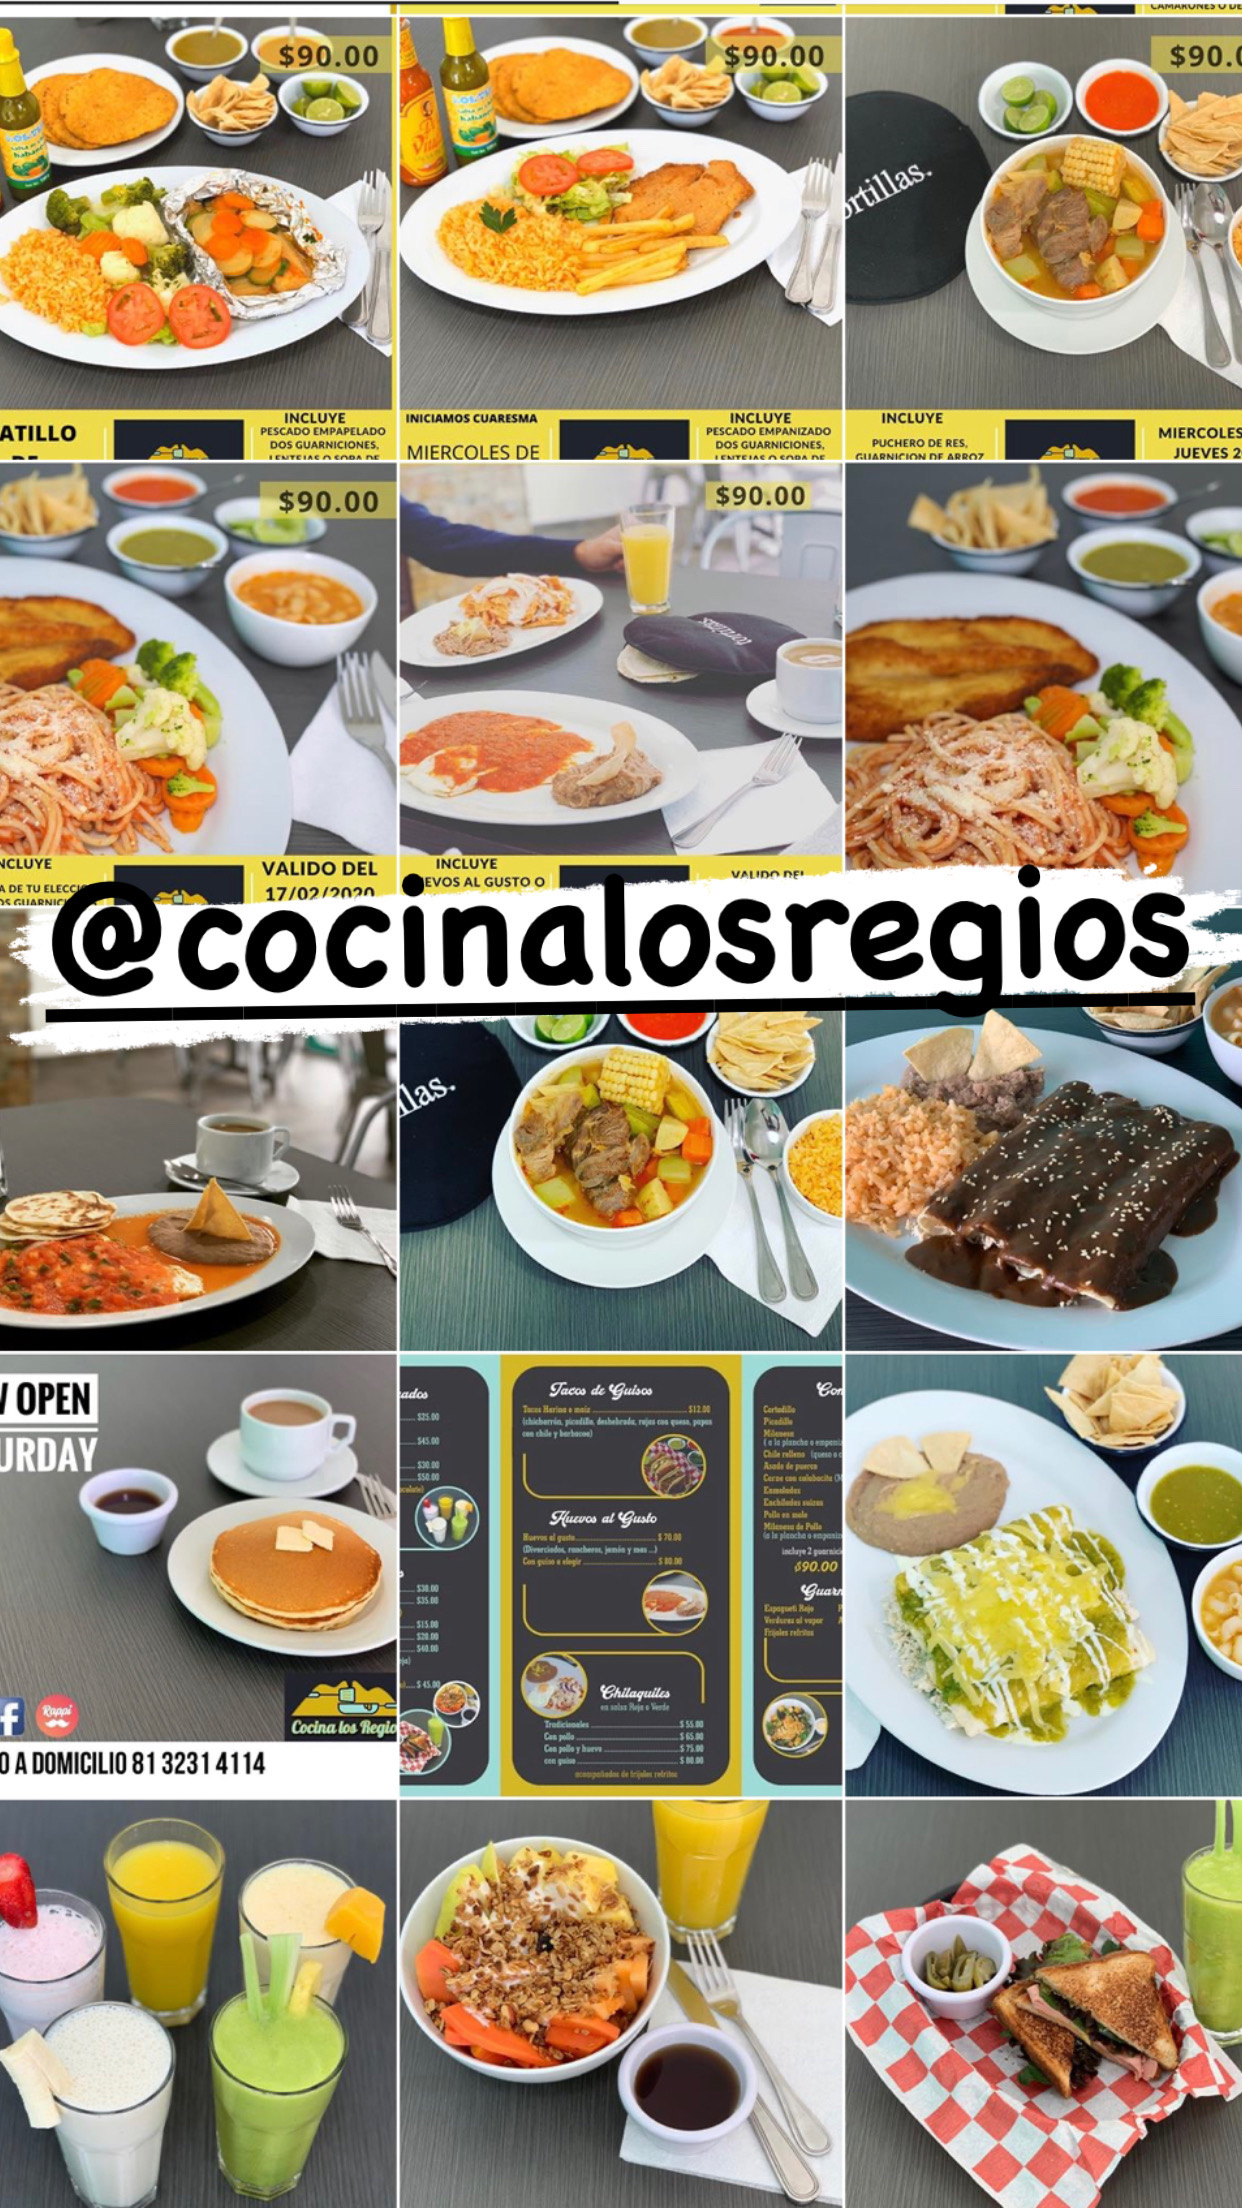 Cocina Los Regios